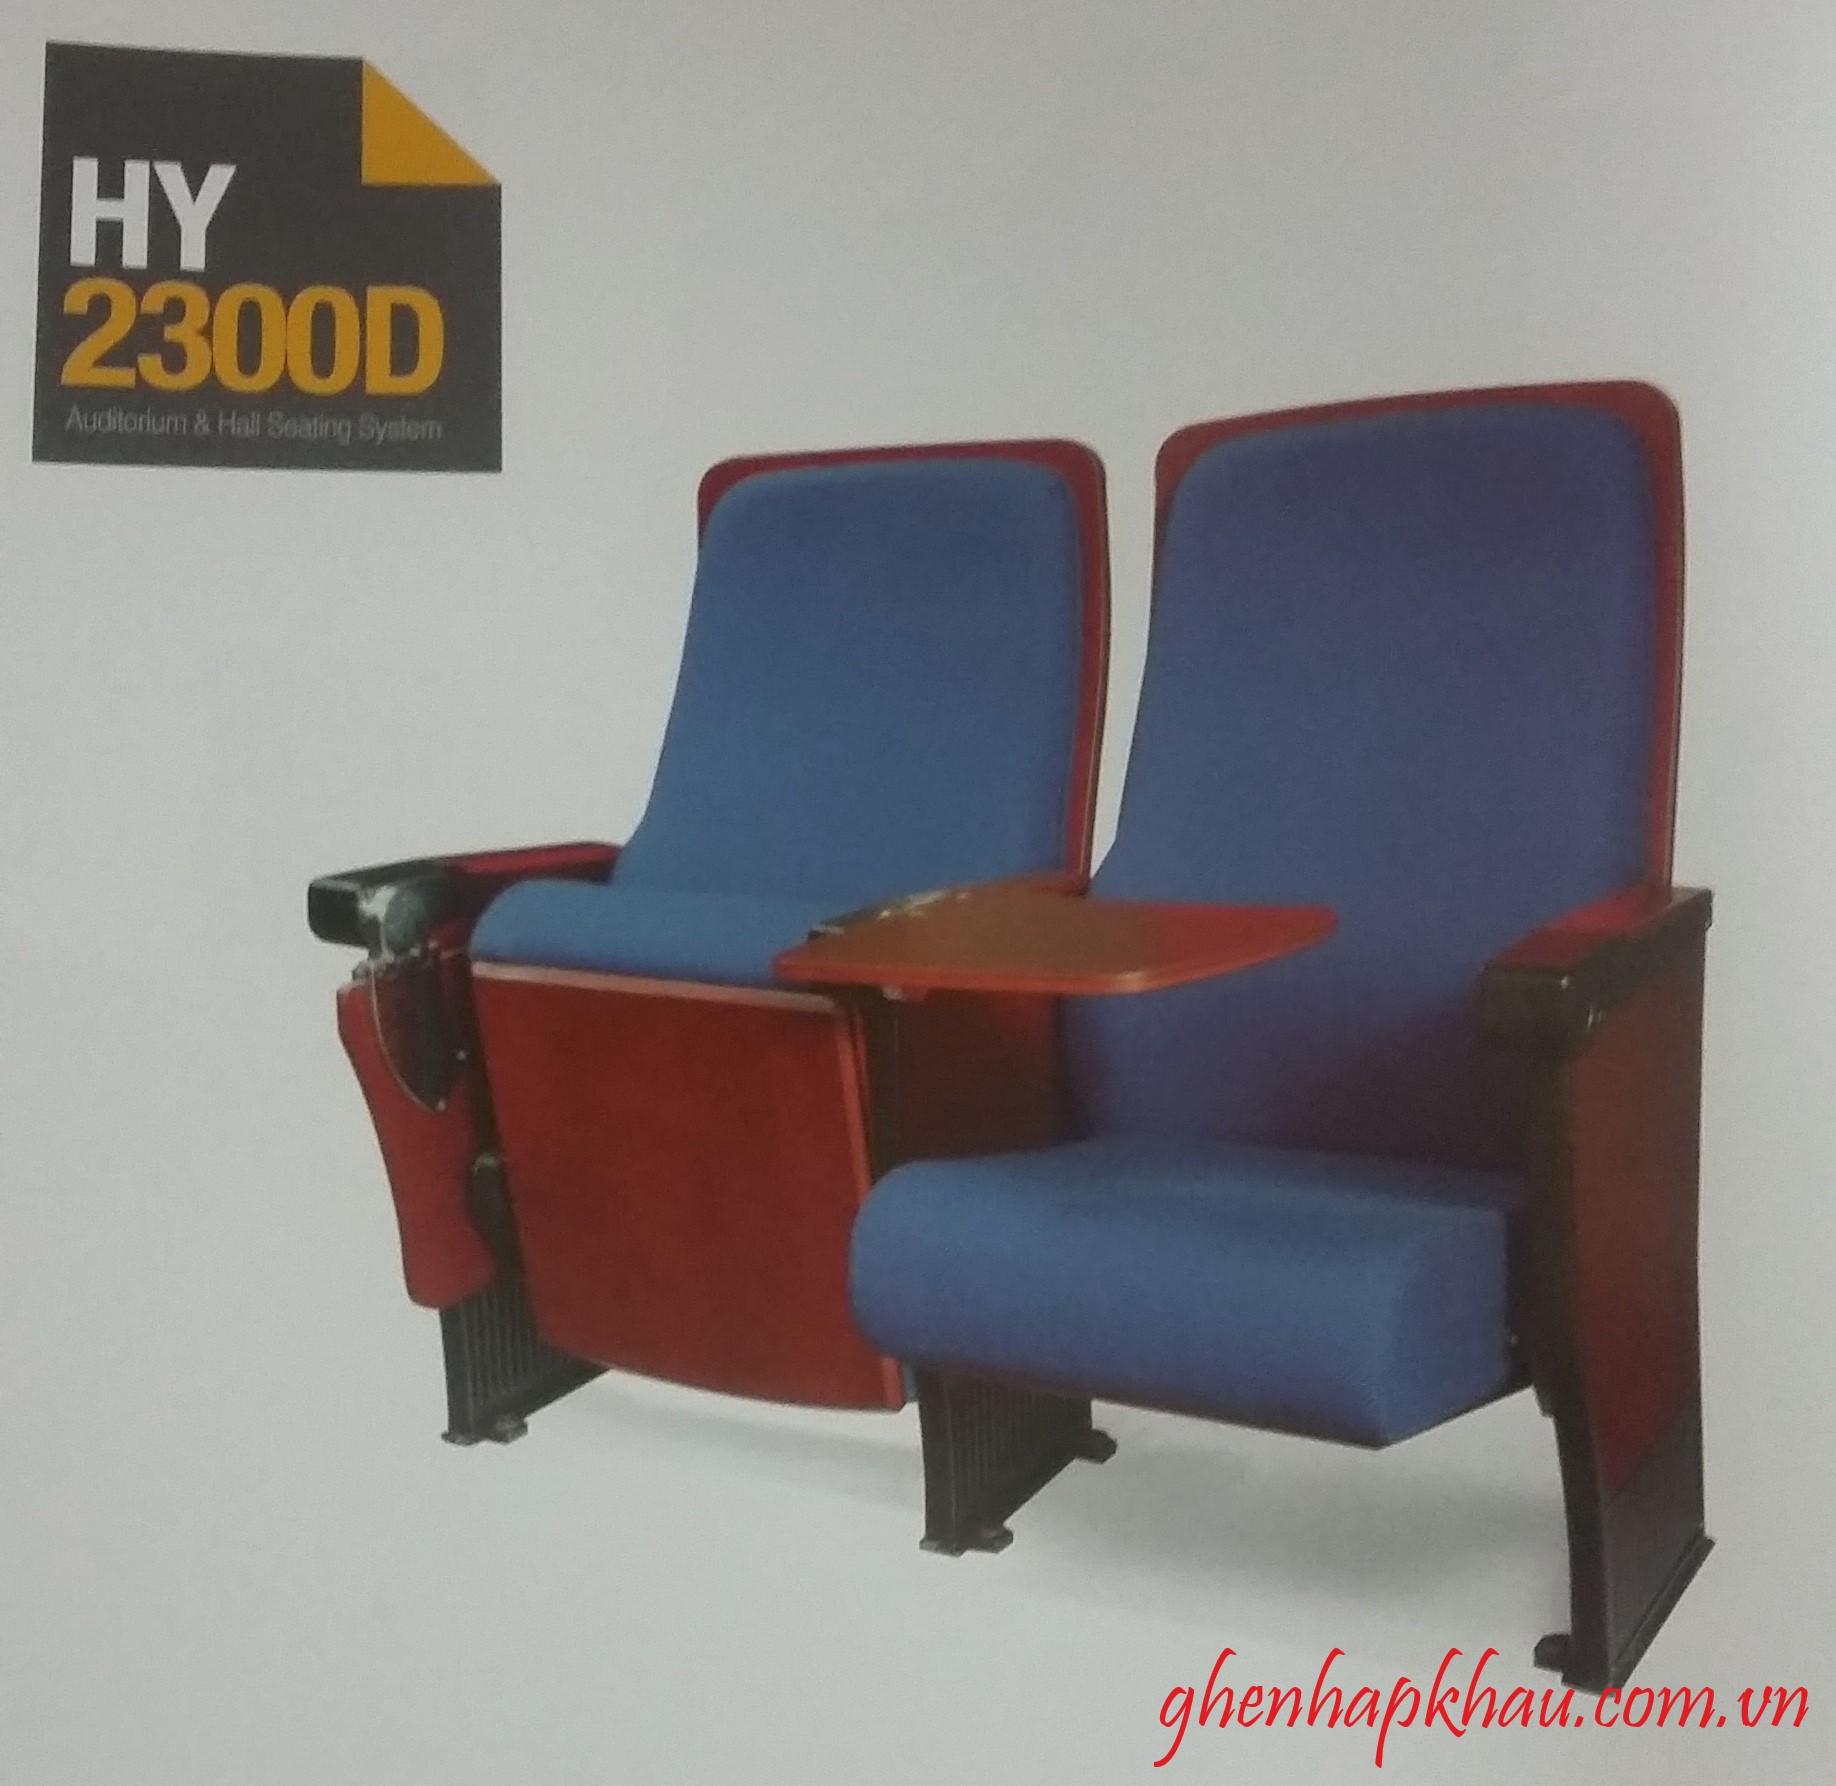 Ghế hội trường Hàn Quốc HY-2300